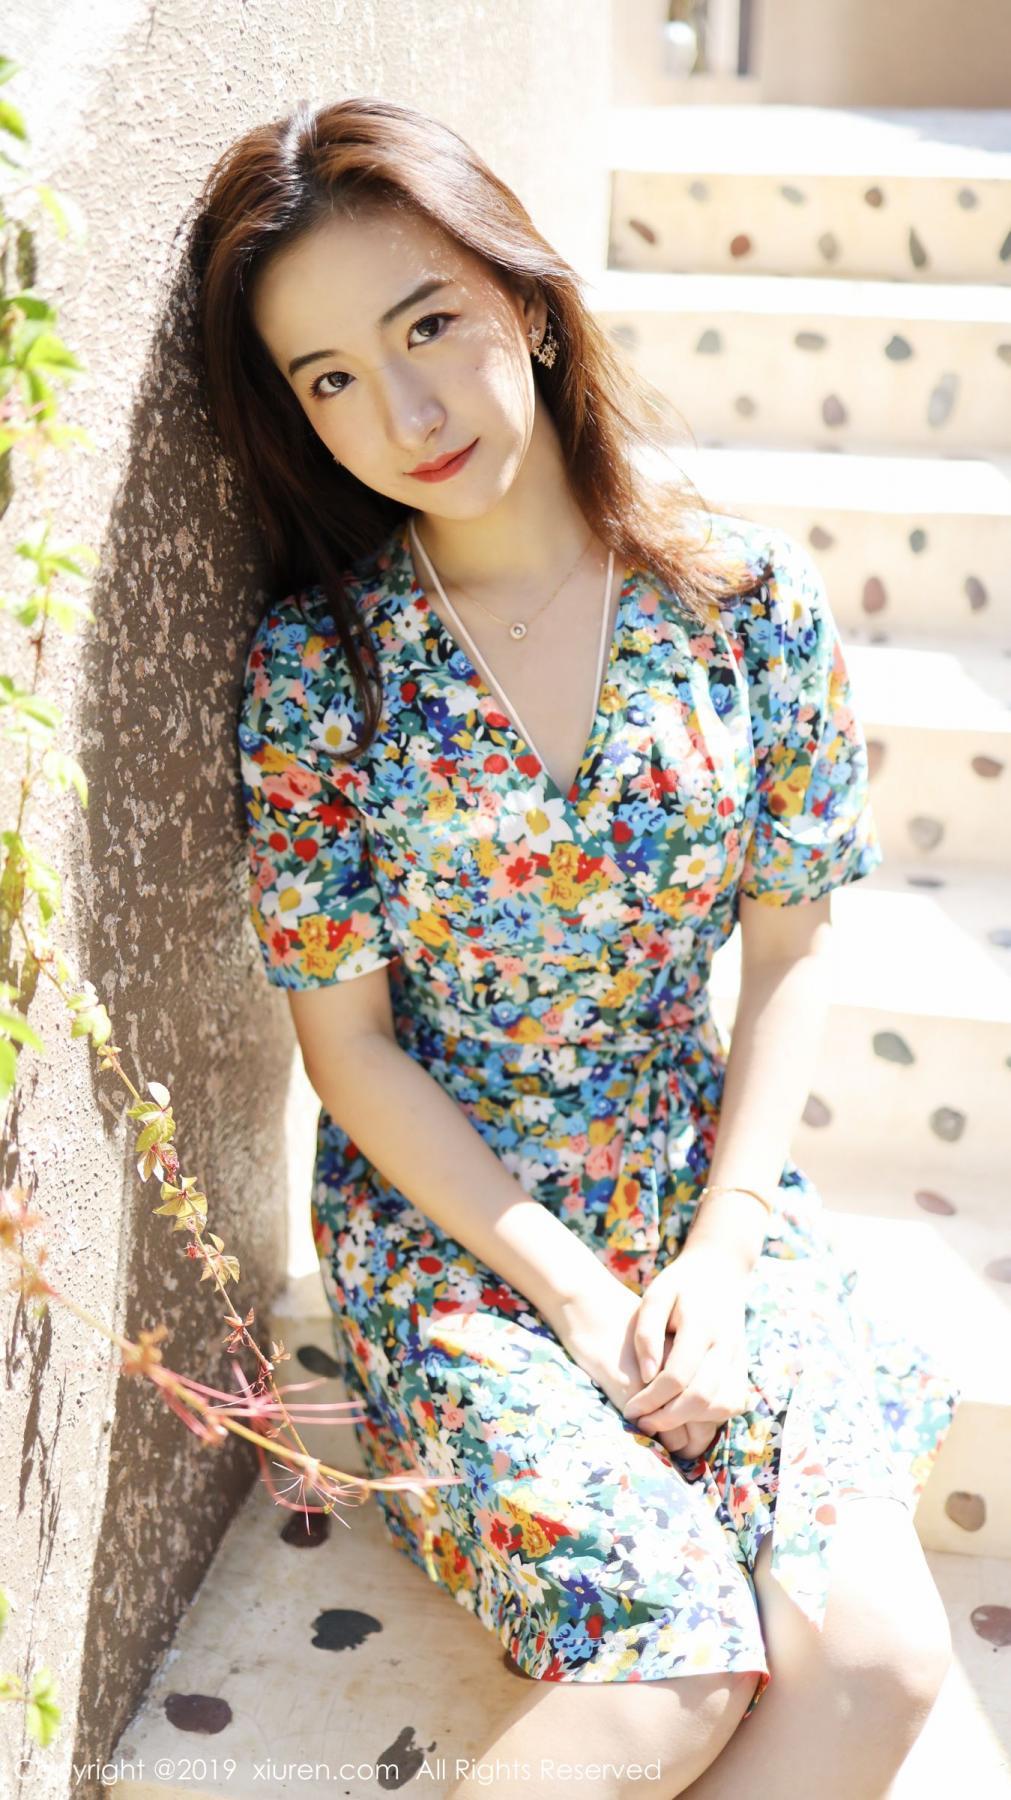 [XiuRen] Vol.1641 Gong Tian Yi 10P, Gong Tian Yi, Pretty, Temperament, Xiuren